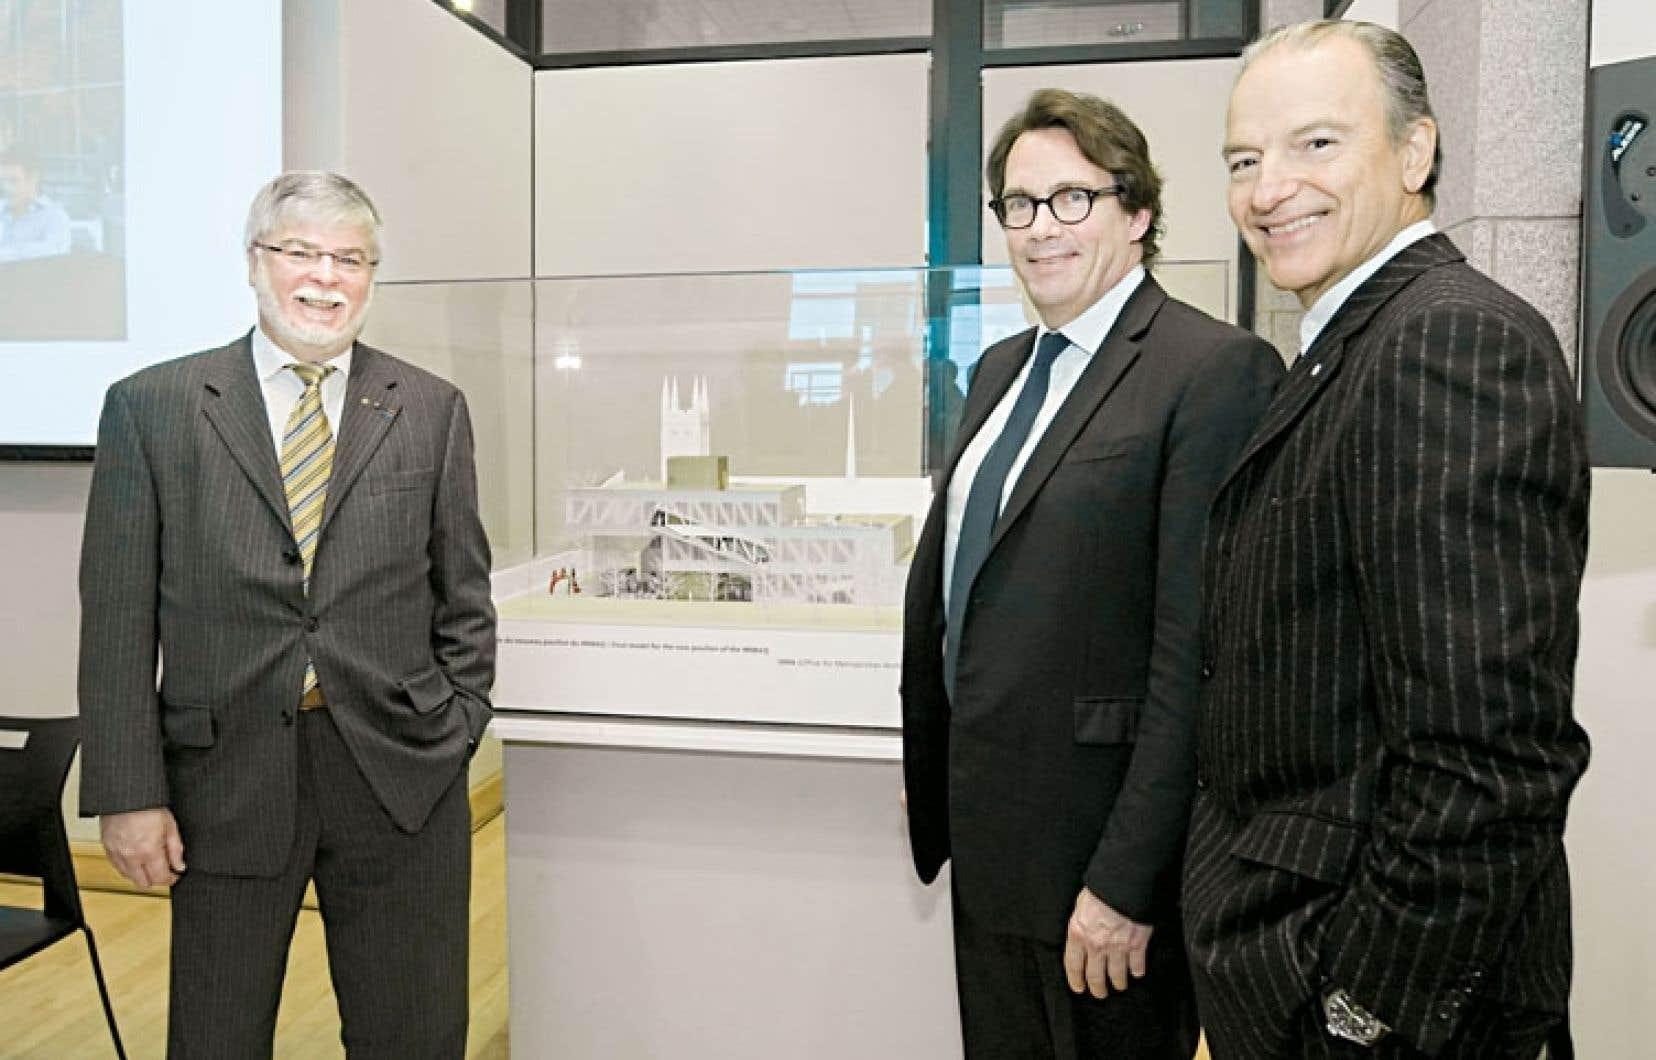 Le président de la Fondation du Musée national des beaux-arts, John R. Porter, et les hommes d'affaires Pierre Karl Péladeau et Pierre Lassonde étaient présents à Québec jeudi pour l'annonce de la contribution de Québecor à la Fondation du Musée.